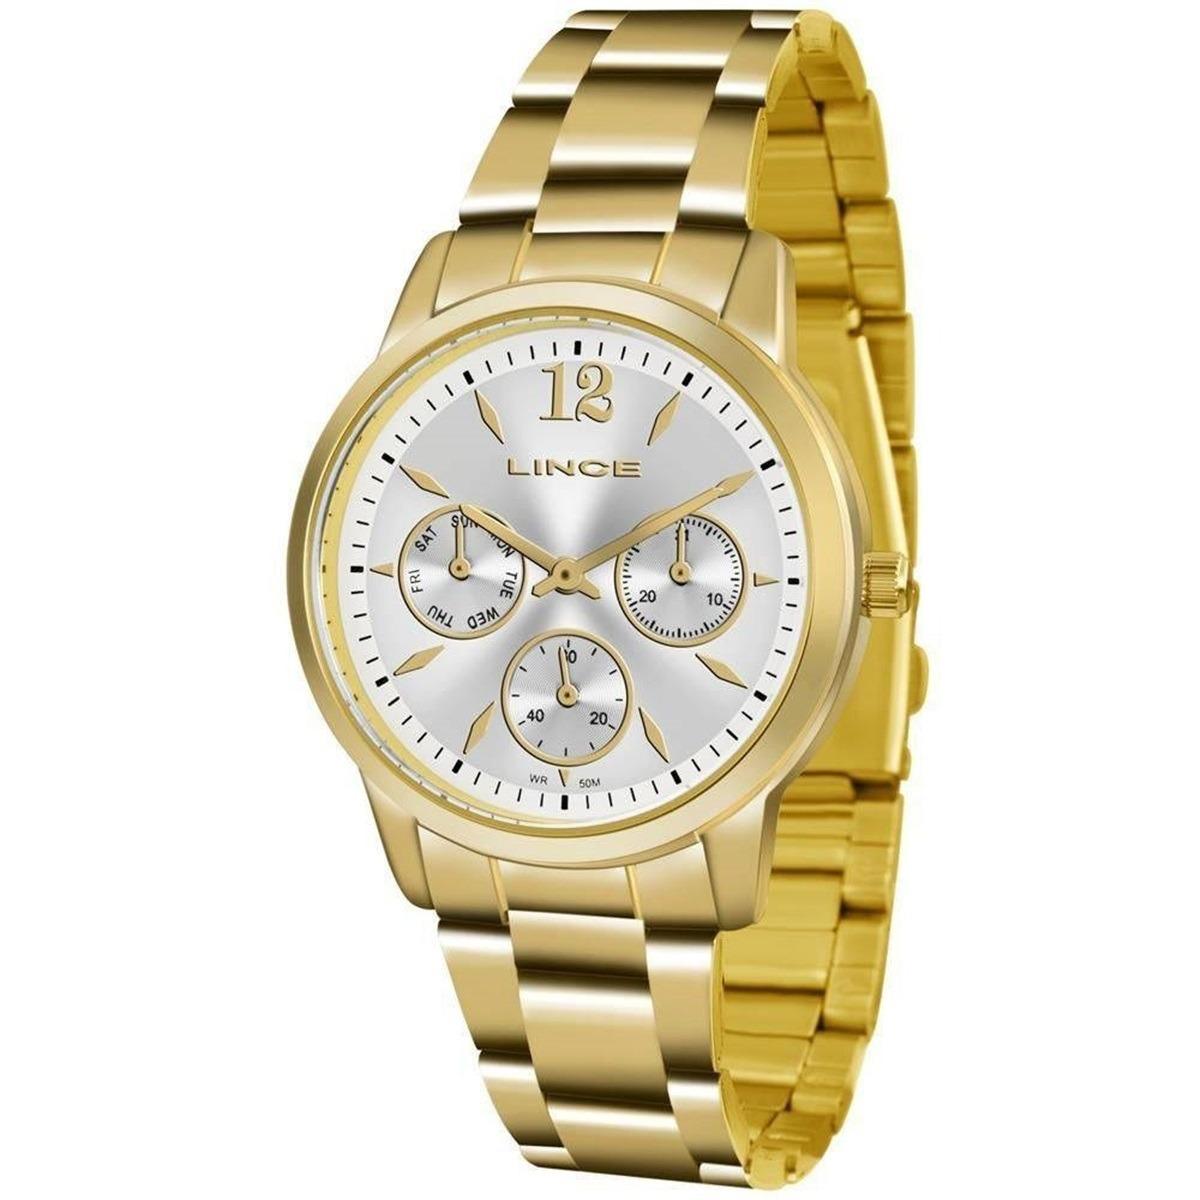 24c97e1013f relógio lince feminino dourado social barato 50 m lmgj069l. Carregando zoom.